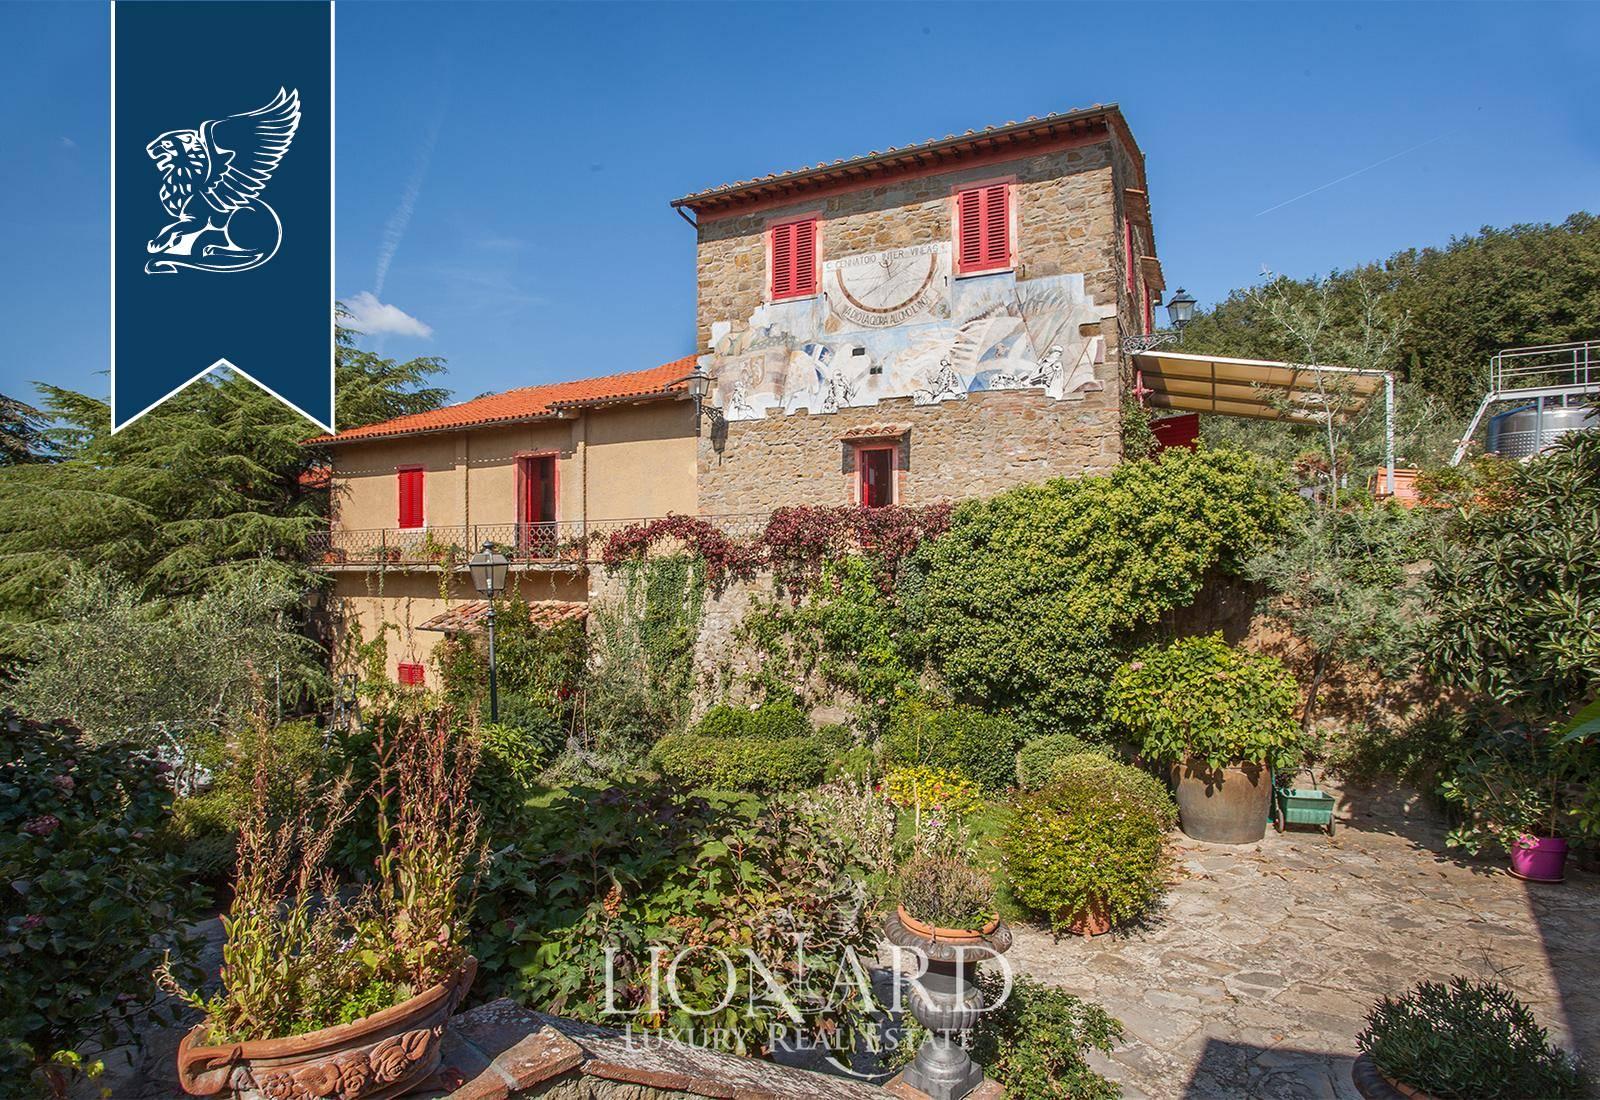 Azienda in Vendita a Greve In Chianti: 0 locali, 2000 mq - Foto 9